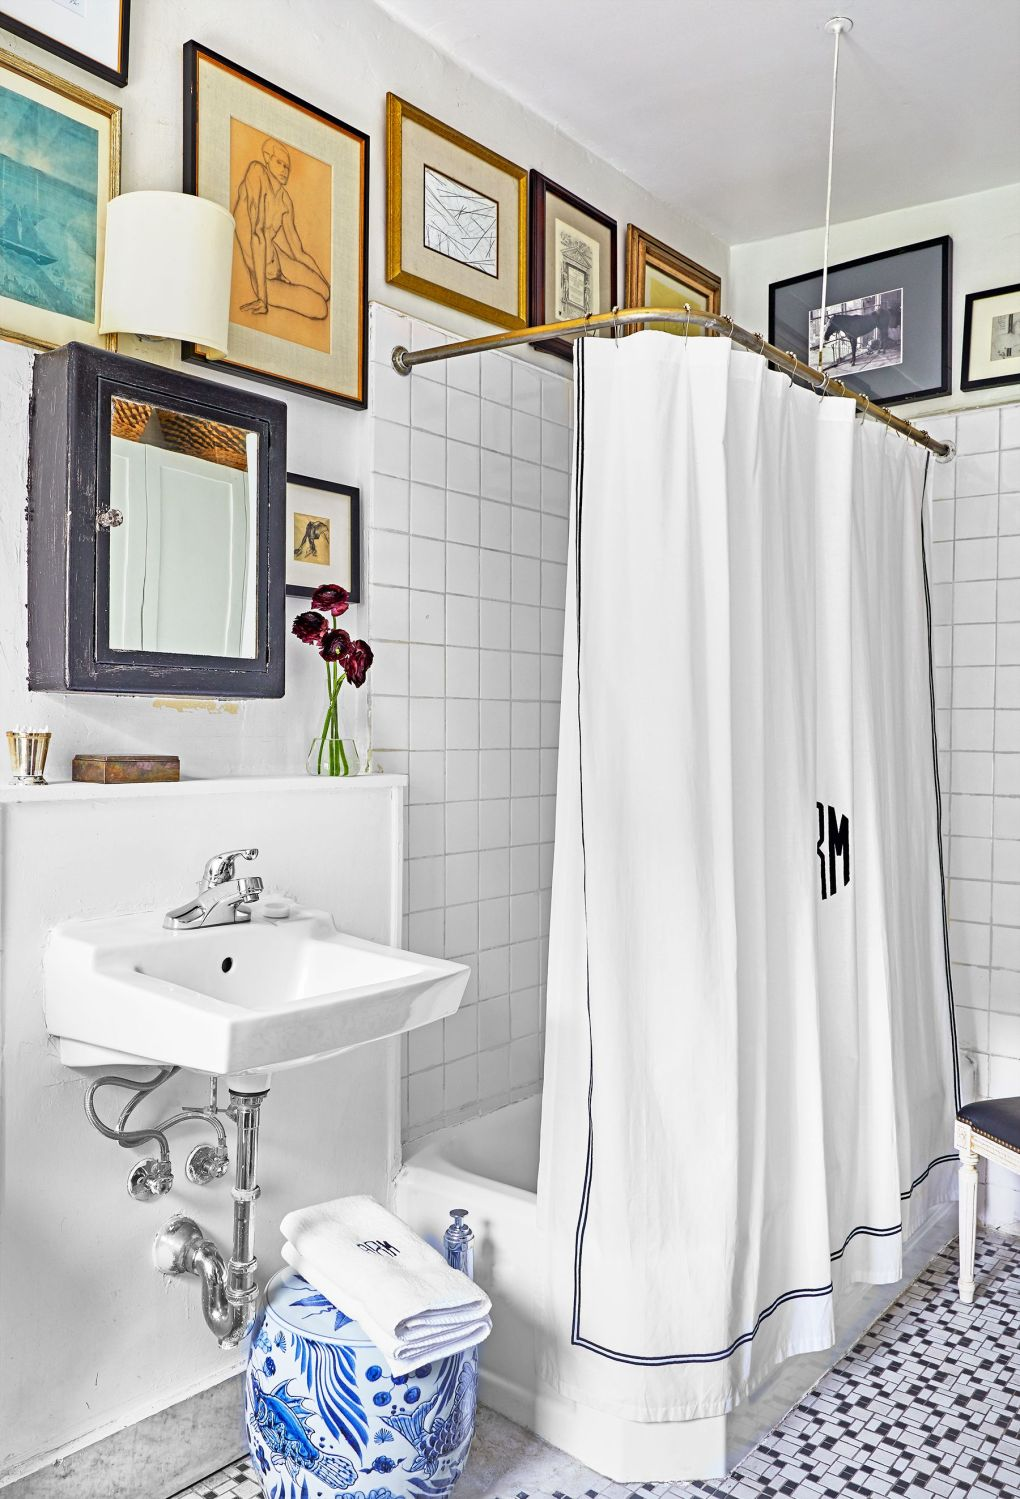 Bathroom, Room, Tile, Interior design, Property, Wall, Floor, Curtain, Bathroom accessory, House,